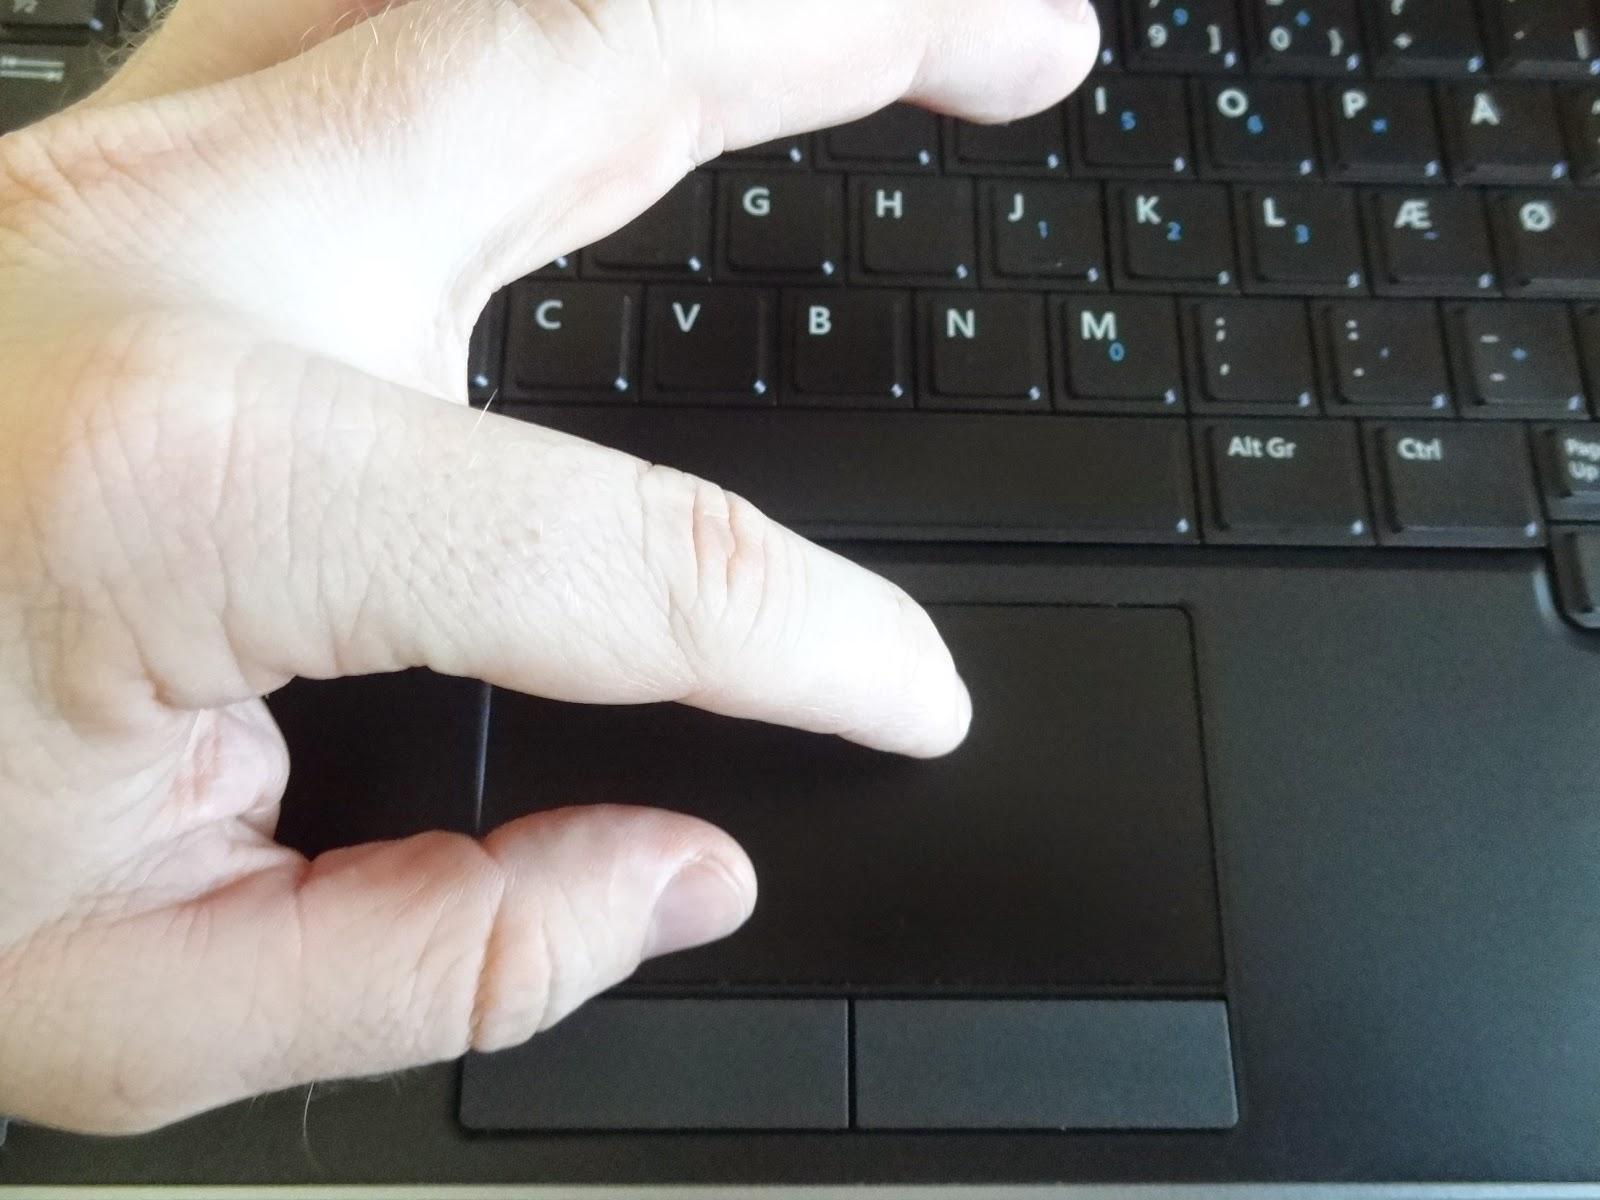 Dell Latitude E7240 no multitouch touchpad